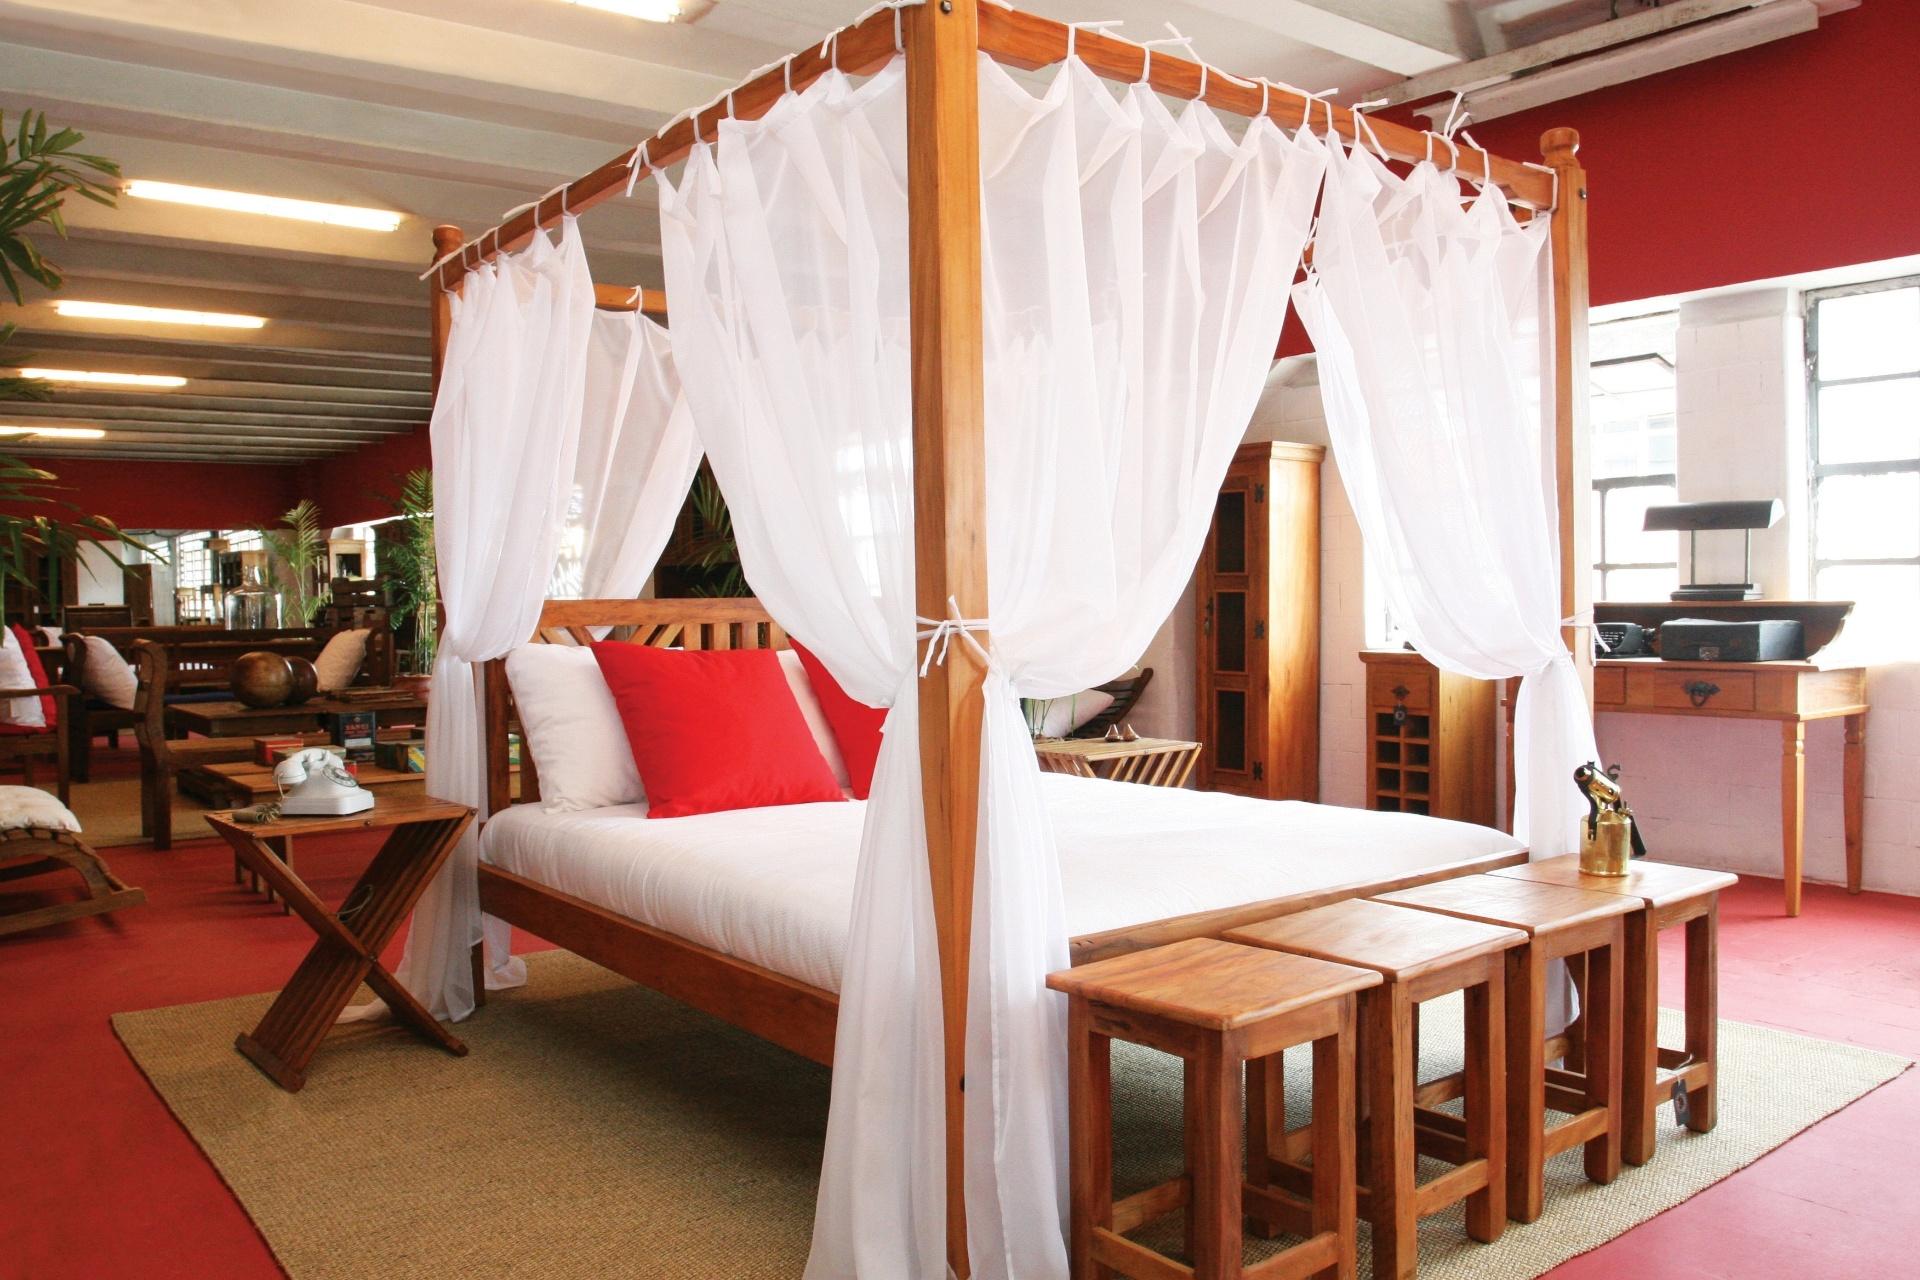 A cama com dossel em peroba rosa de demolição tem cortinas de voal branco. O projeto é de Jorge Garcia, proprietário da loja Trapiche Carioca